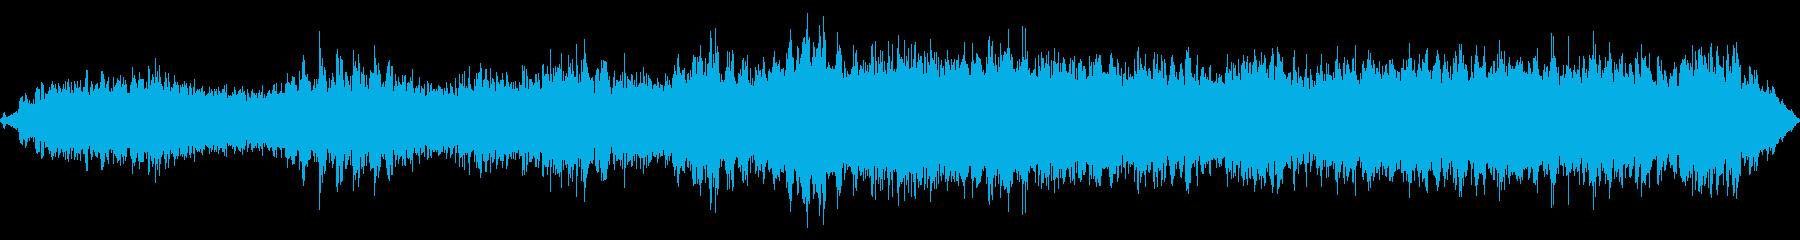 上昇/下降の深いスイープを伴う魔法...の再生済みの波形